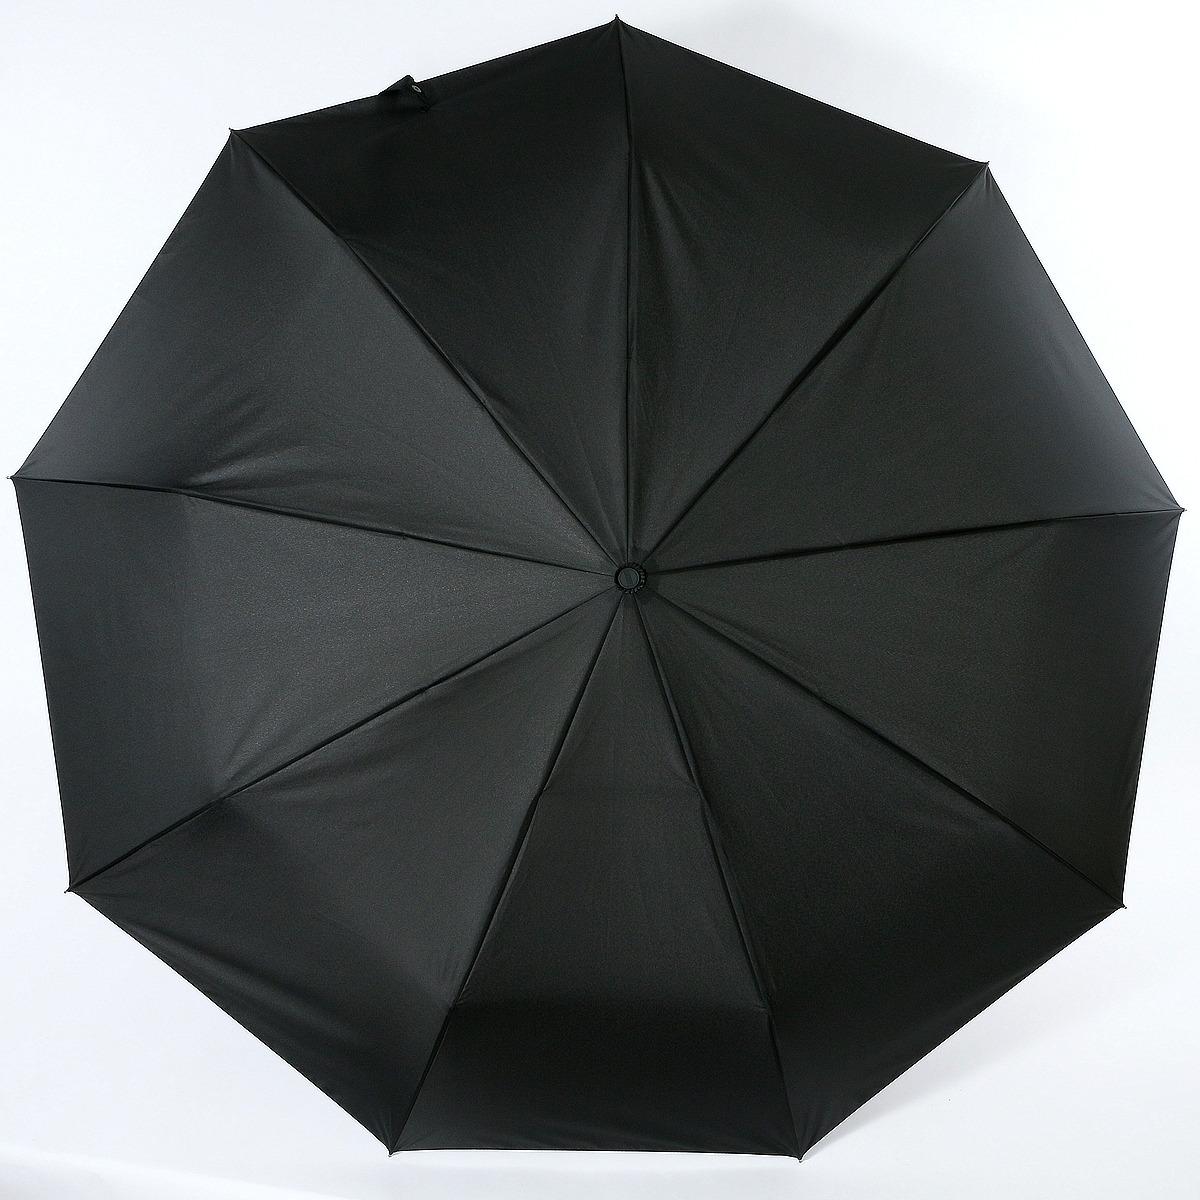 цена Зонт Lamberti 73750, черный в интернет-магазинах